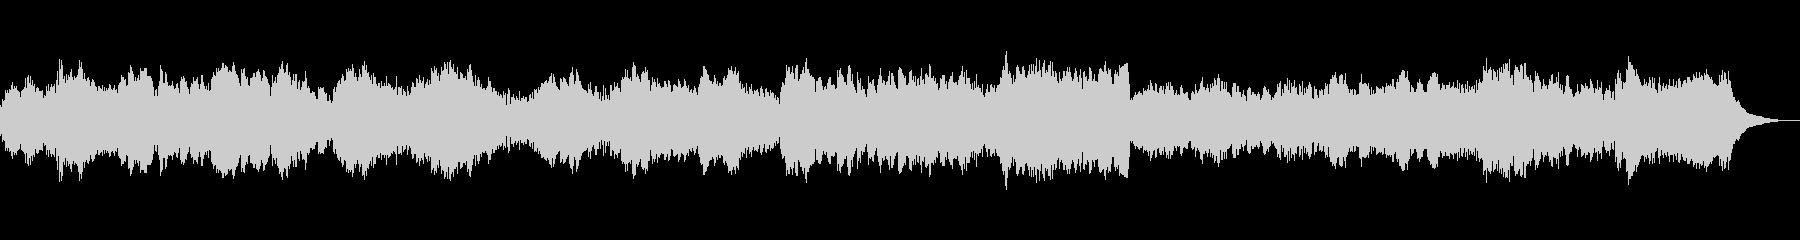 バッハ/インベンション/オルゴールの未再生の波形